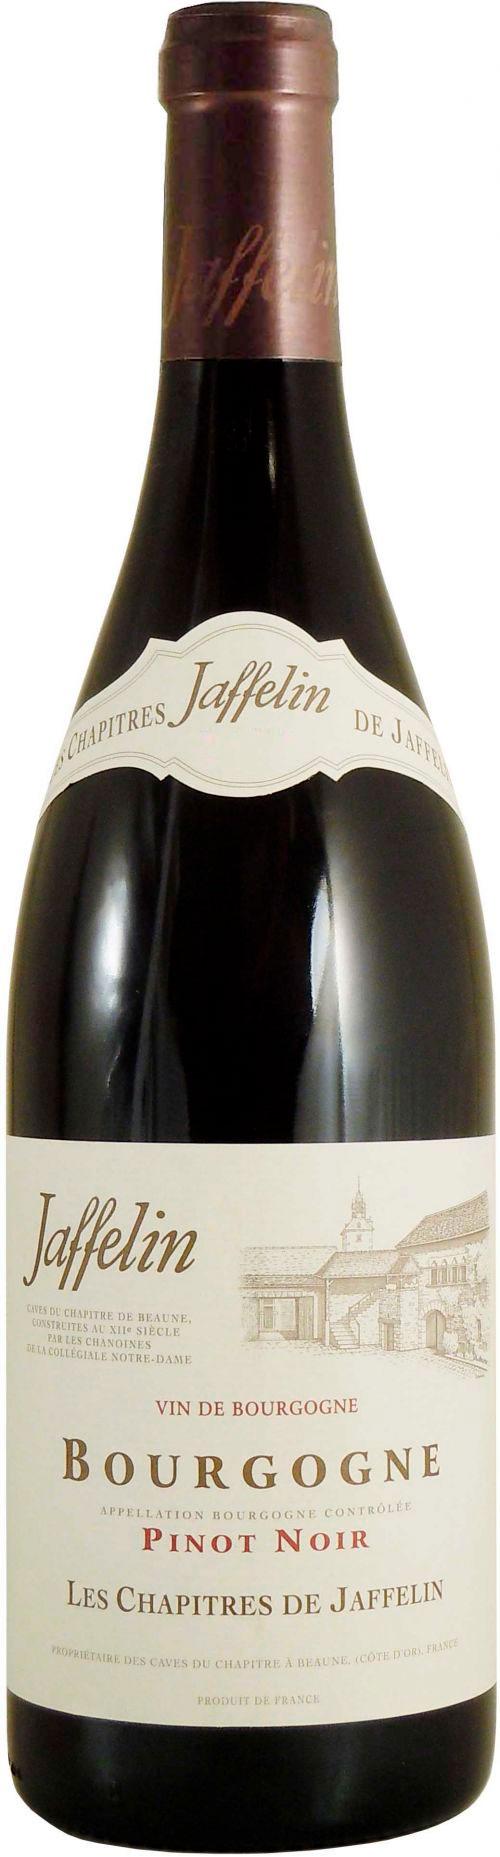 Bourgogne Pinot Noir ( Jaffelin ) 2017